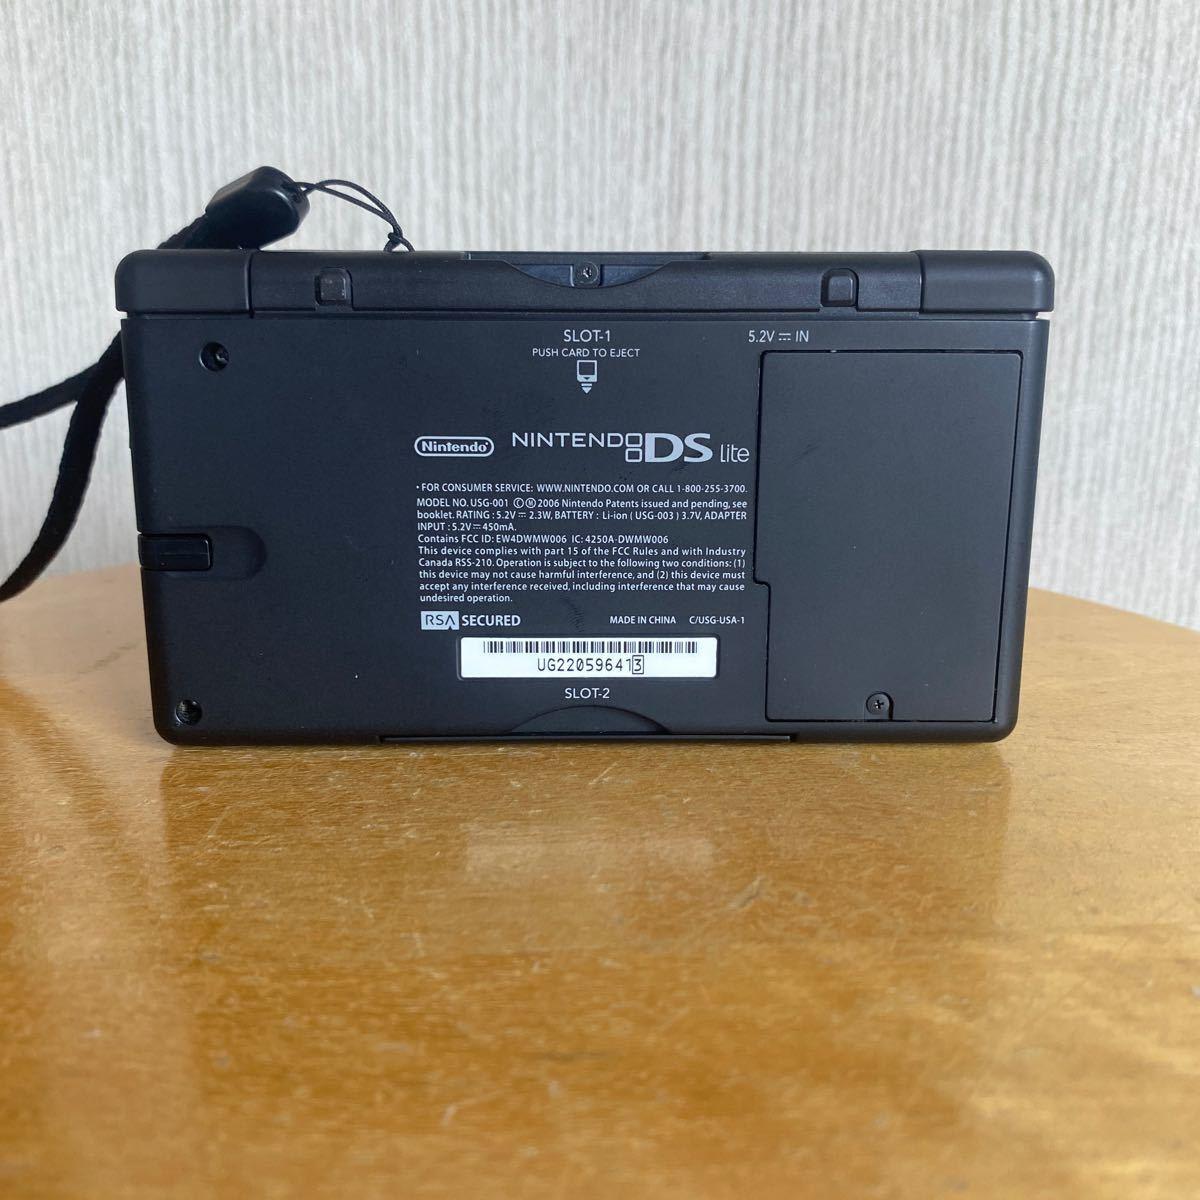 〈美品・動作確認済〉北米限定 ニンテンドーDS Lite(ライト)本体 コバルトブルー+純正充電器 ゲームボーイアドバンス起動可